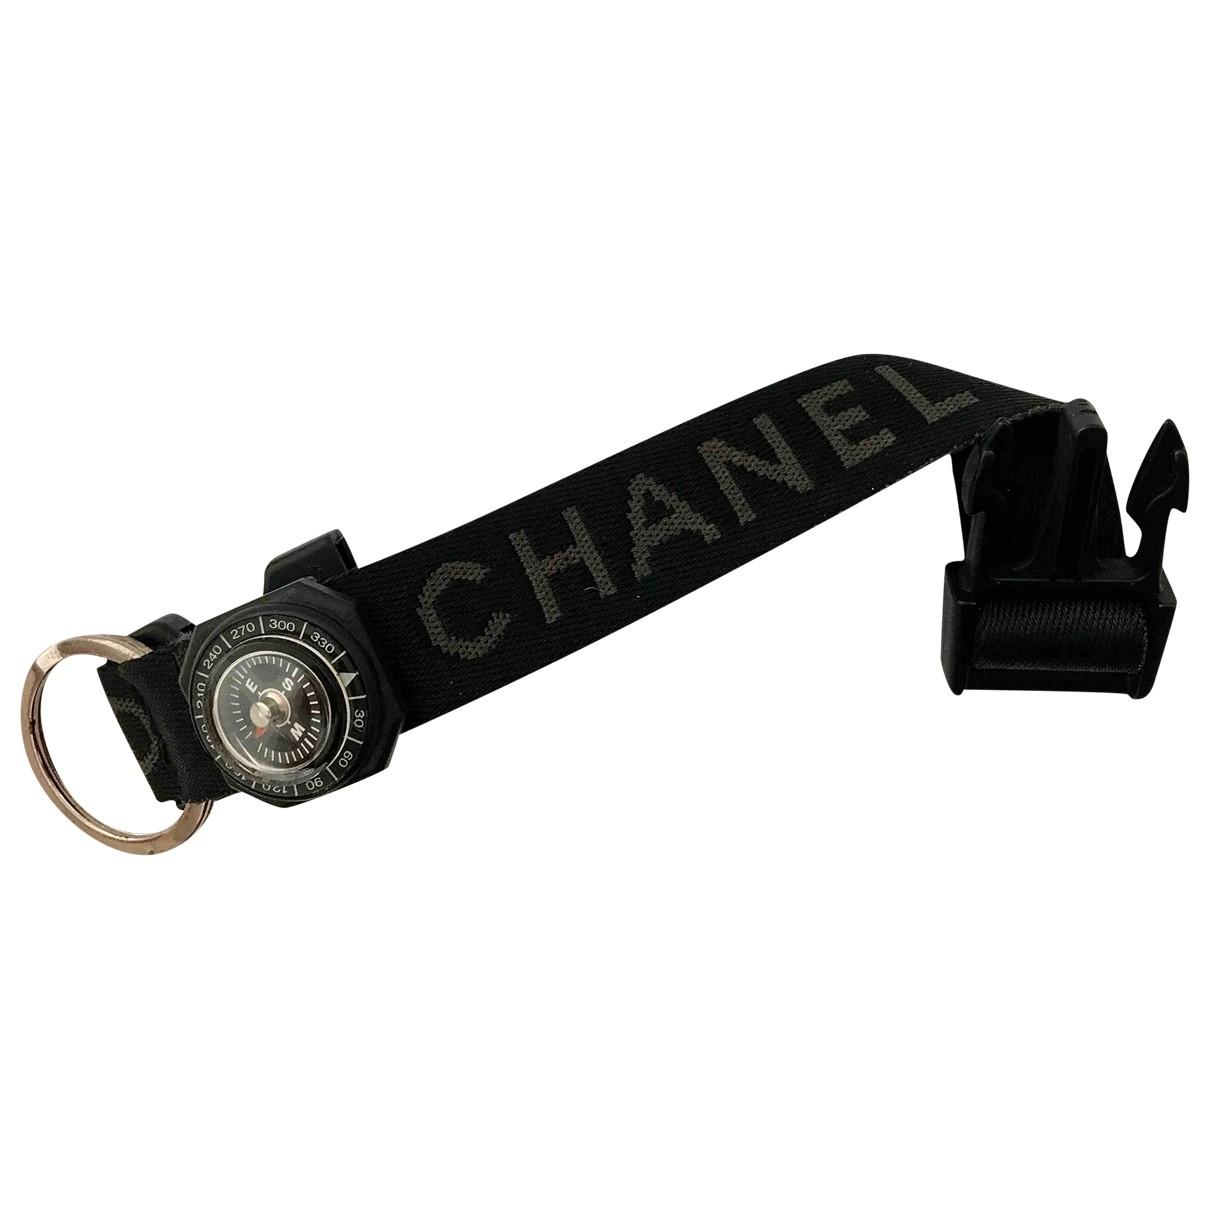 Pulsera de Lona Chanel